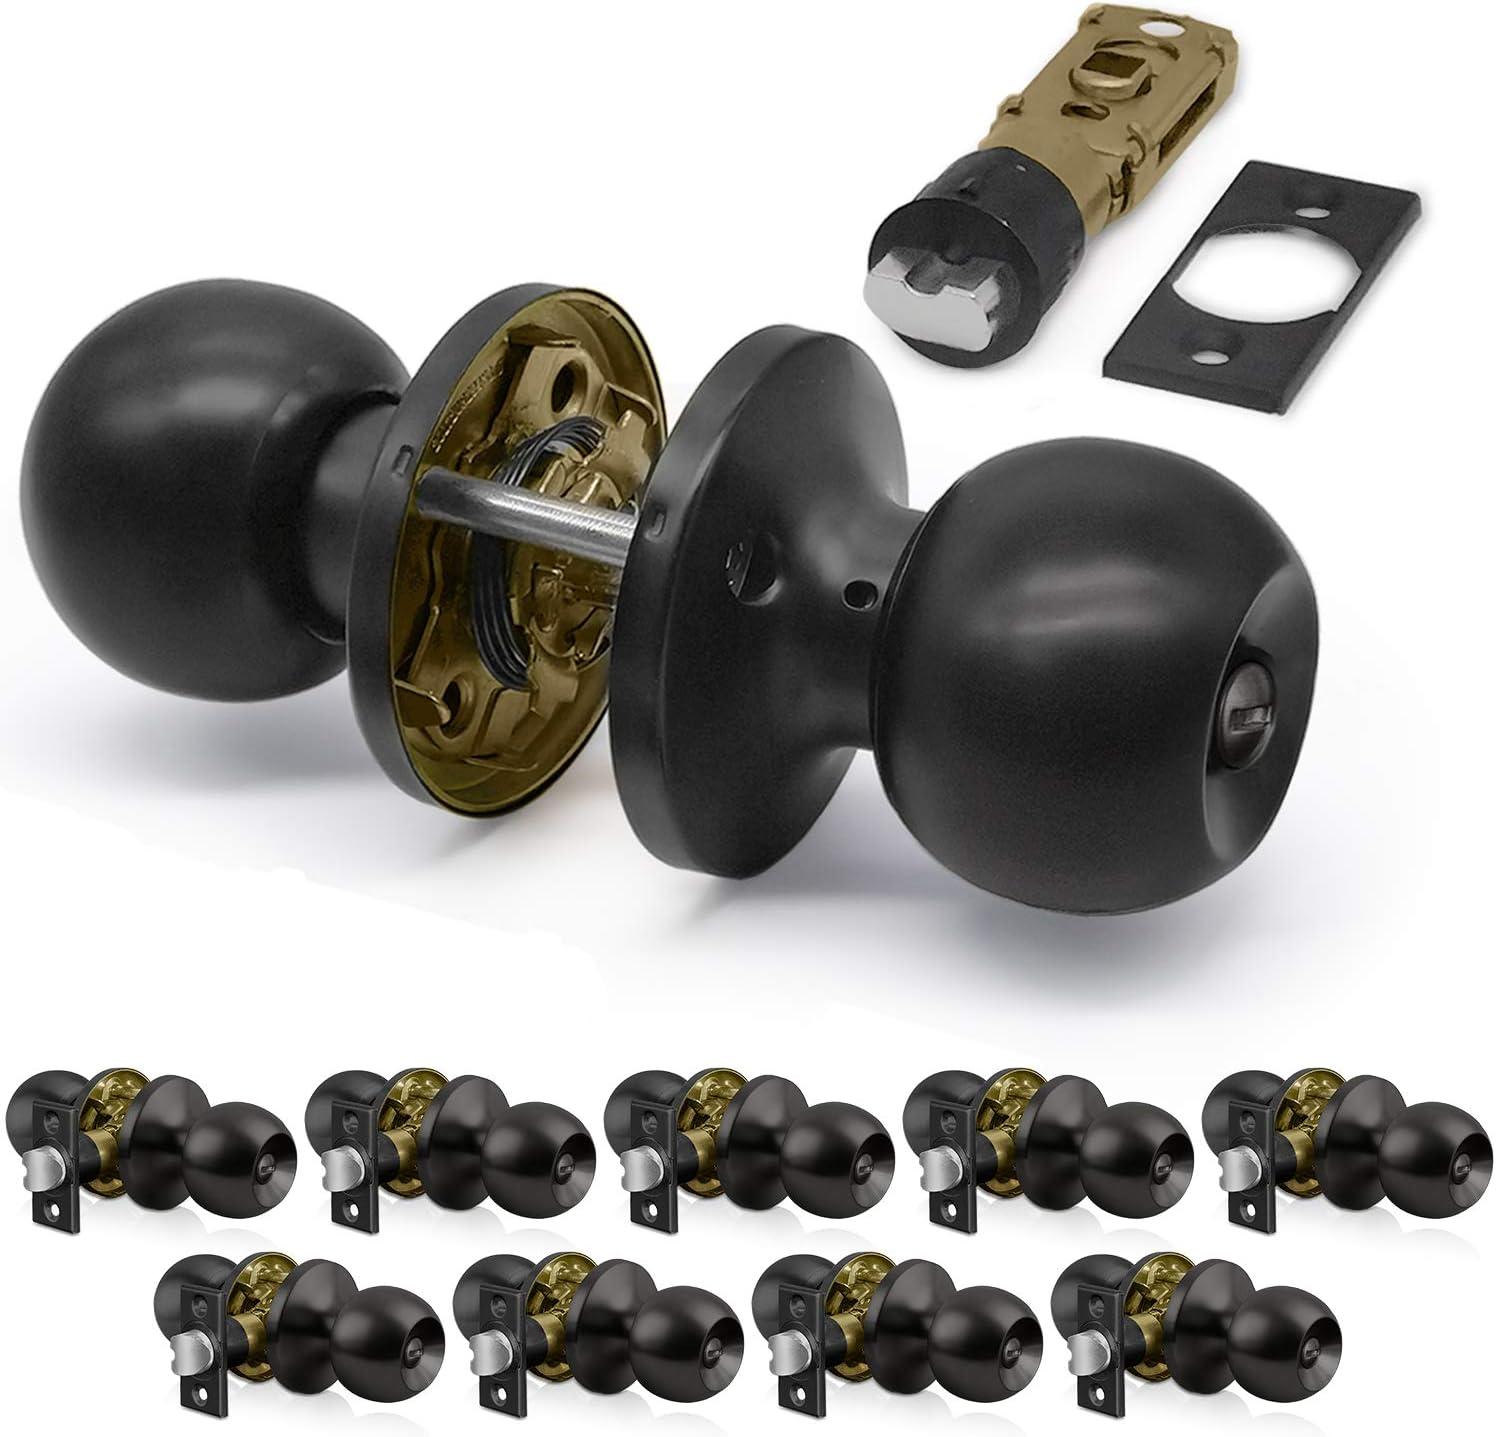 [10 Pack] Privacy Door Knob Set with Keyless Lock, Ball Door Knob for Bedroom and Bathroom, All Metal, Black, by BESTTEN